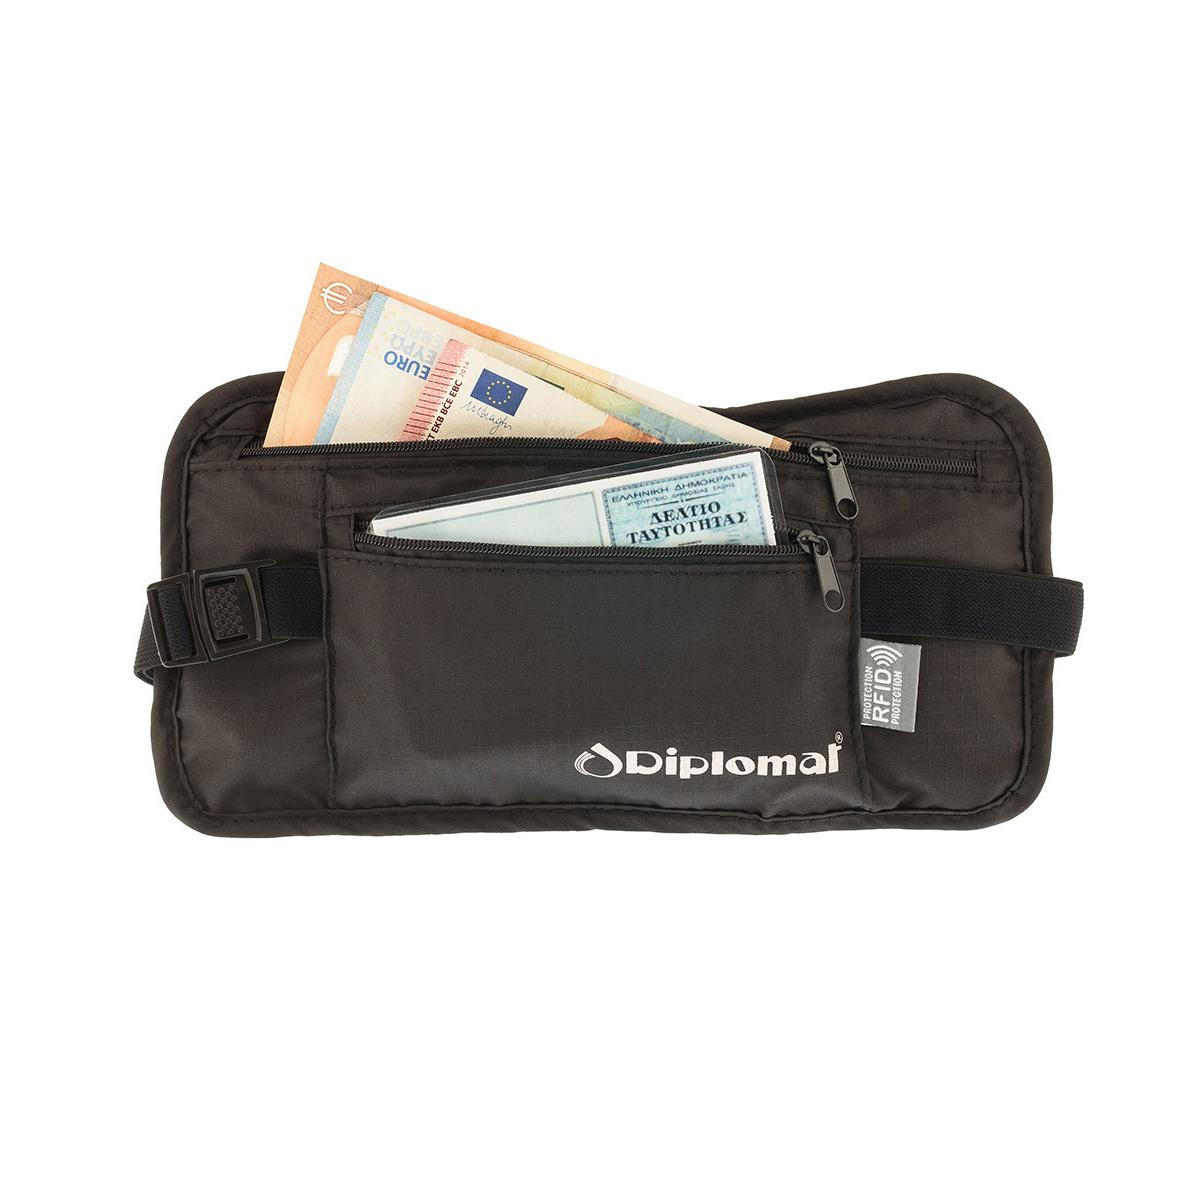 8b752a9a4c Εσωτερικό Τσαντάκι Μέσης Ταξιδιού Εγγράφων-Χρημάτων Με RFID ...